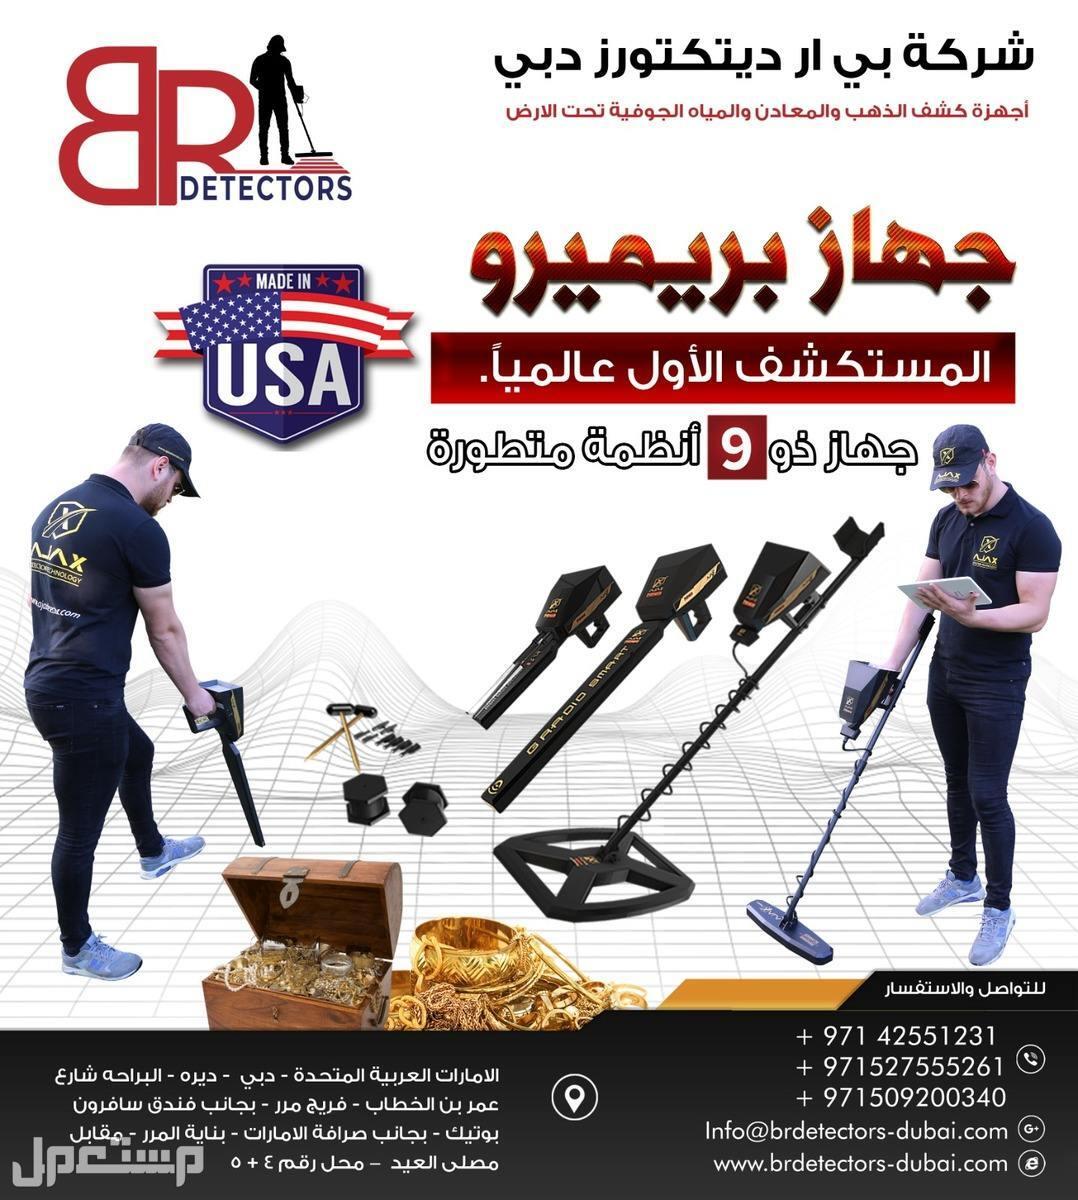 افضل جهاز كشف الذهب في السعودية 2021 بريميرو - بي ار دبي افضل جهاز كشف الذهب في السعودية 2021 بريميرو - بي ار دبي